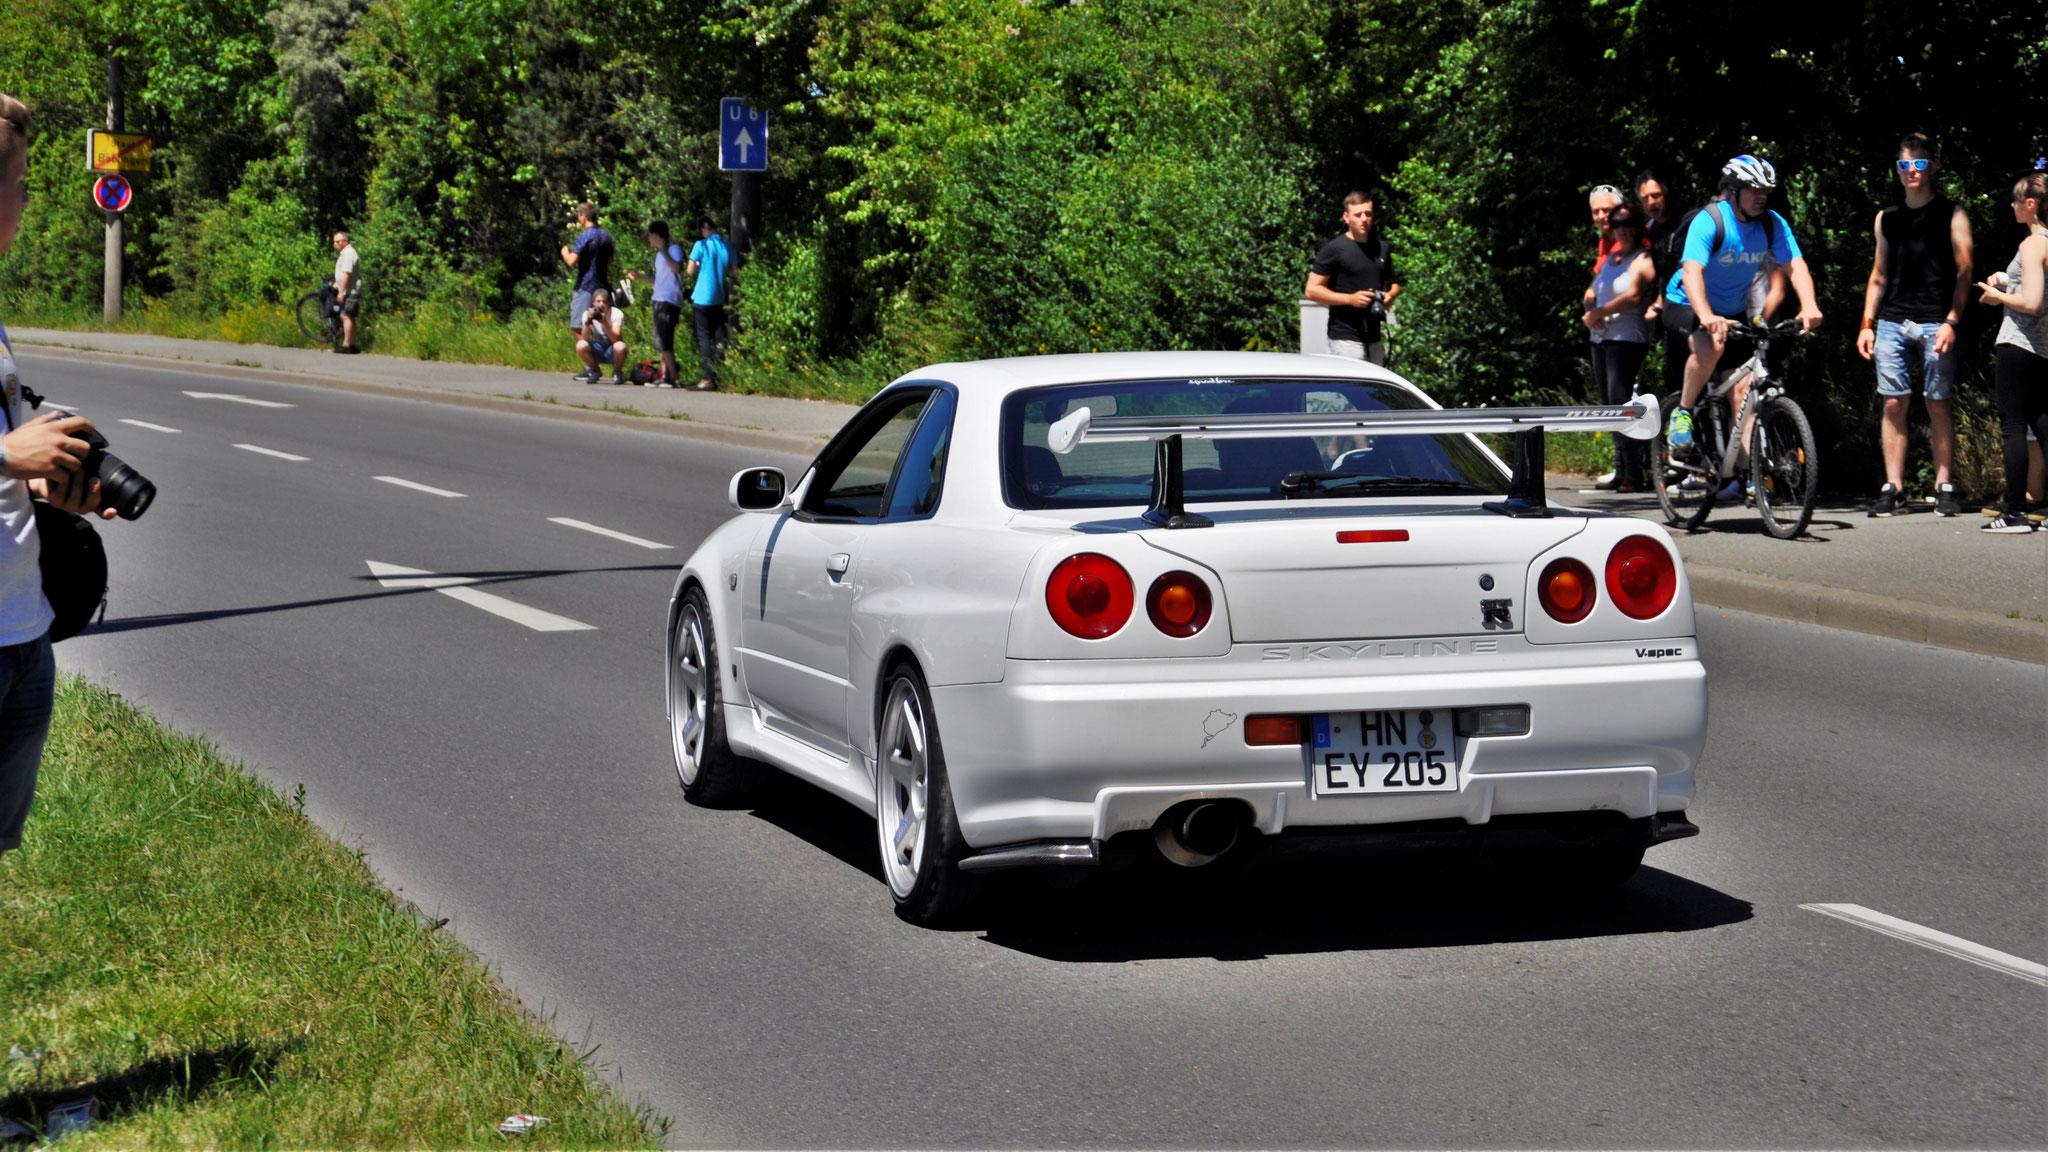 Nissan R34 GT-R V.spec - HN-EY-205